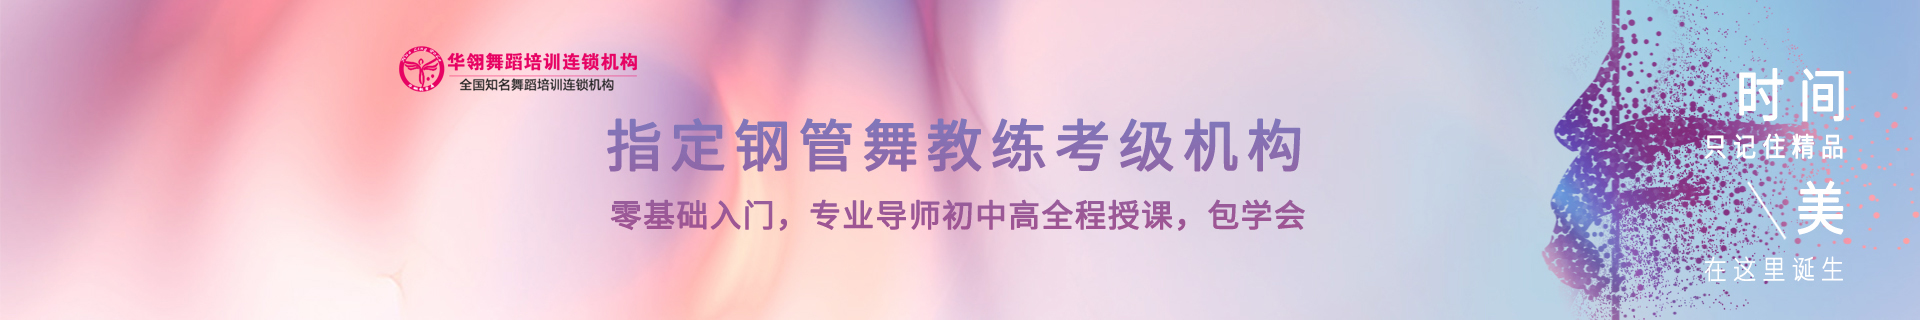 昆明西山区华翎舞蹈培训机构